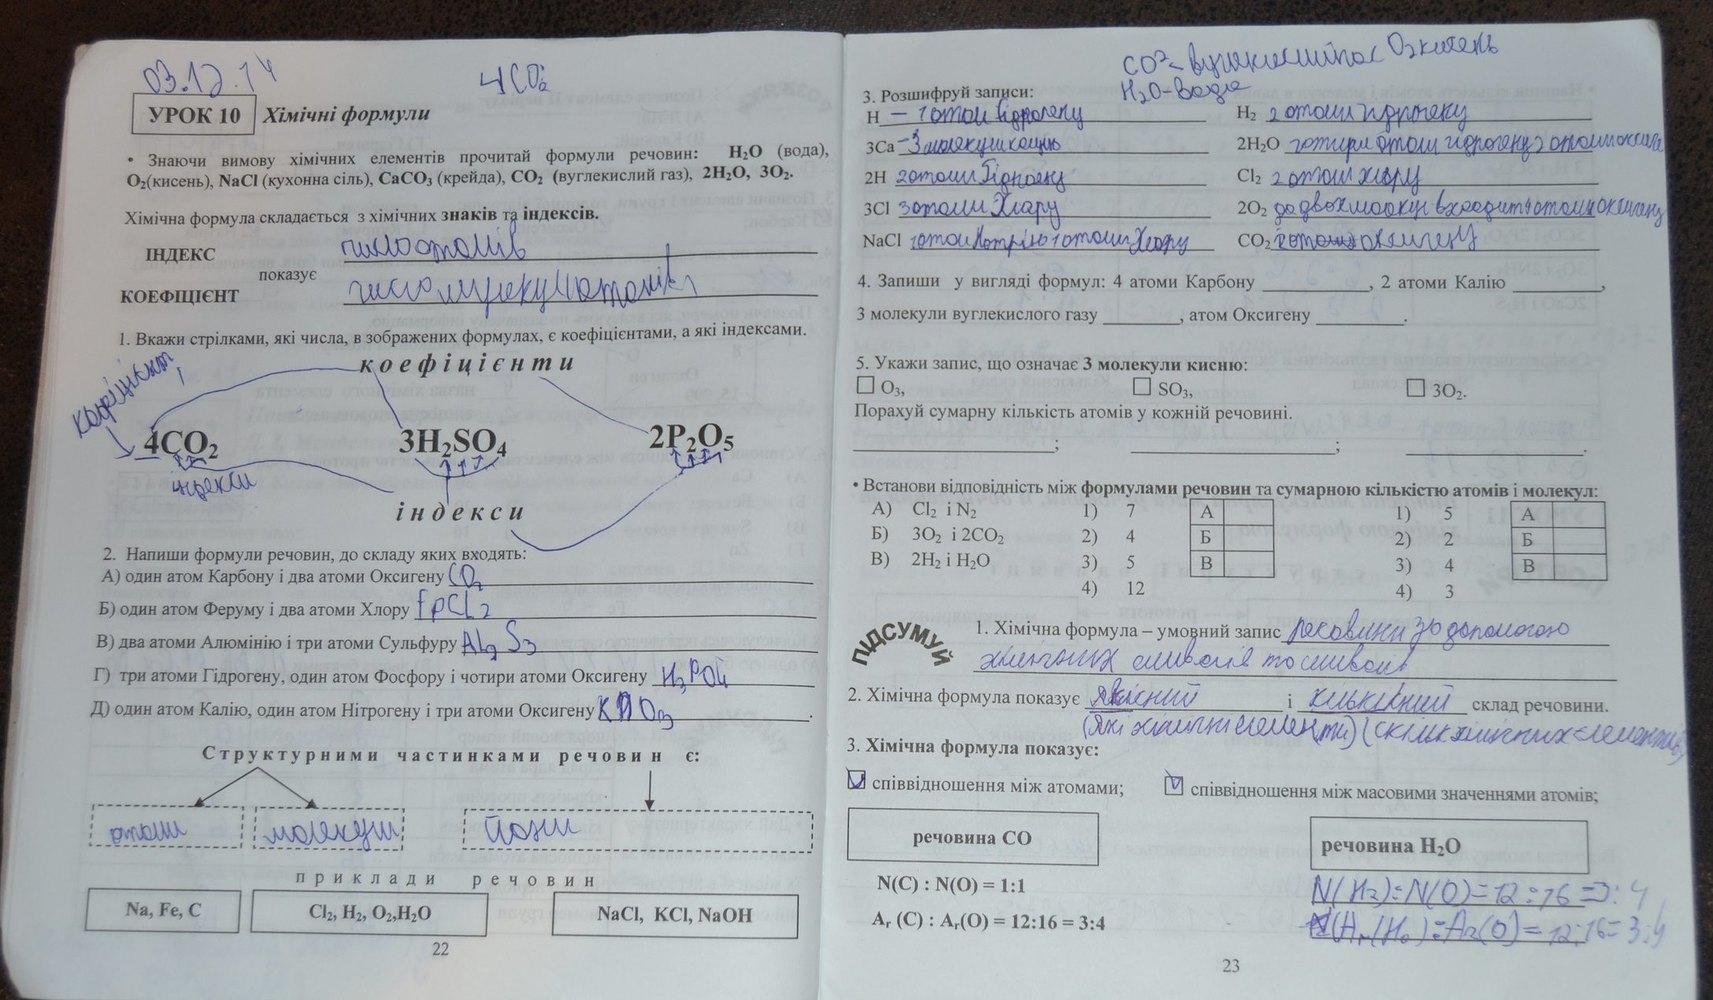 Гдз 7 клас зошит химия